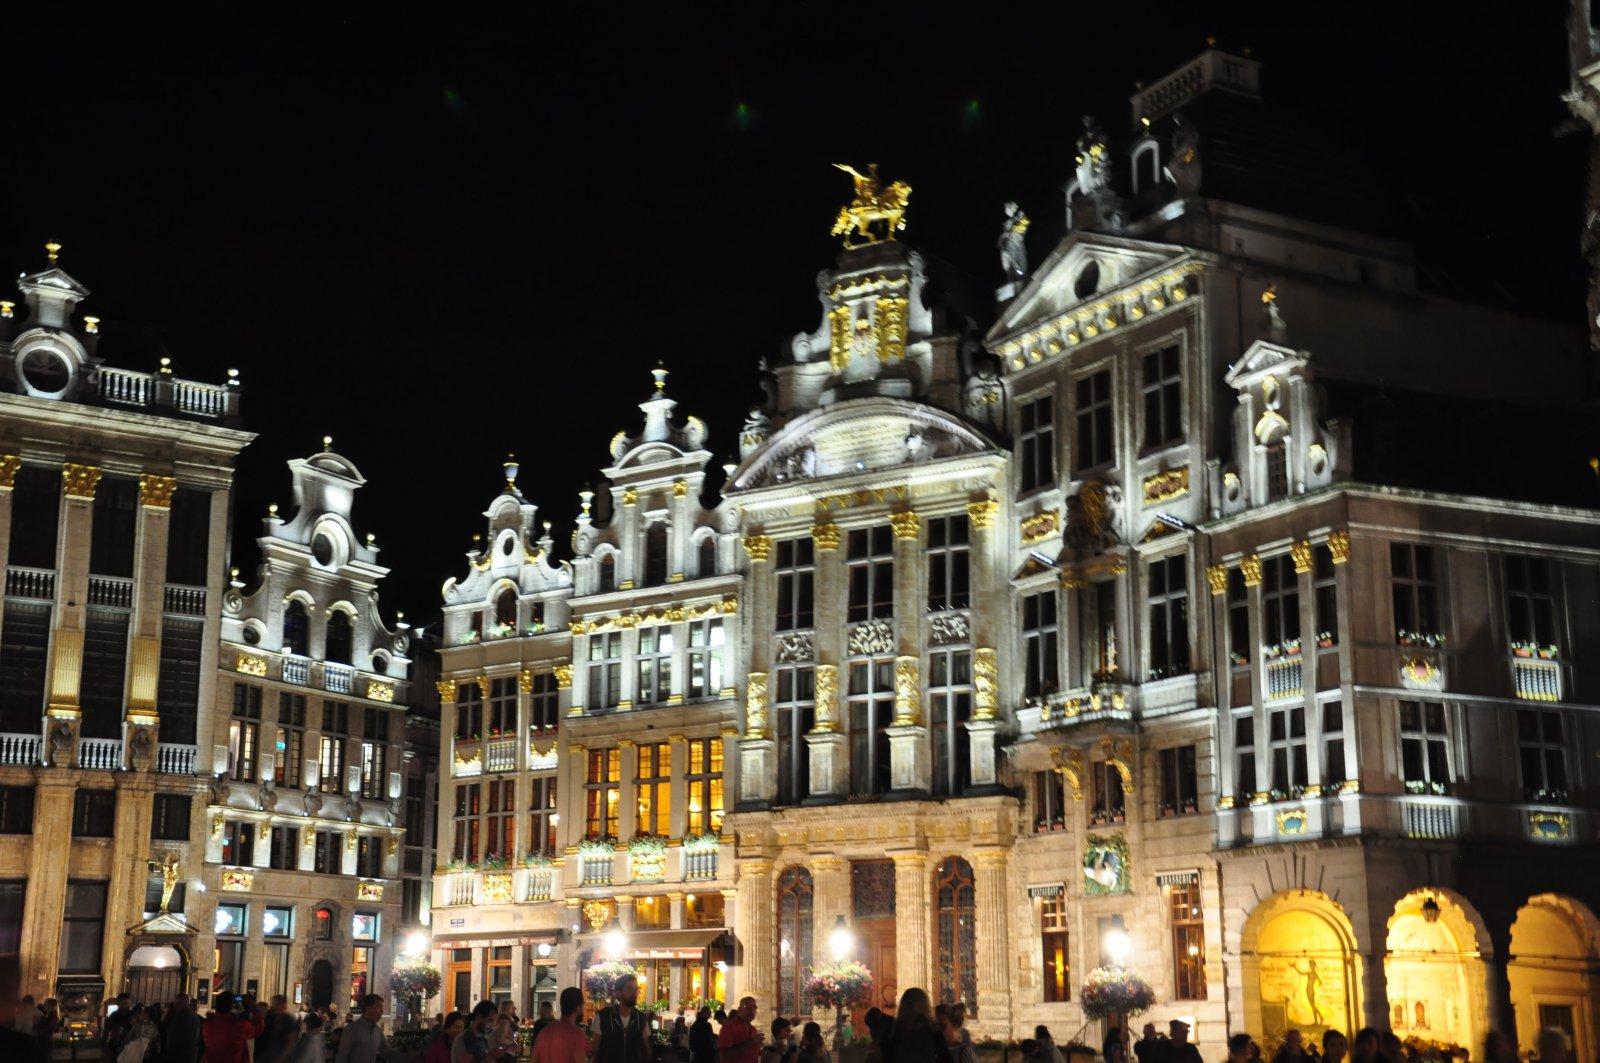 La Grand Place de noche, Bruselas